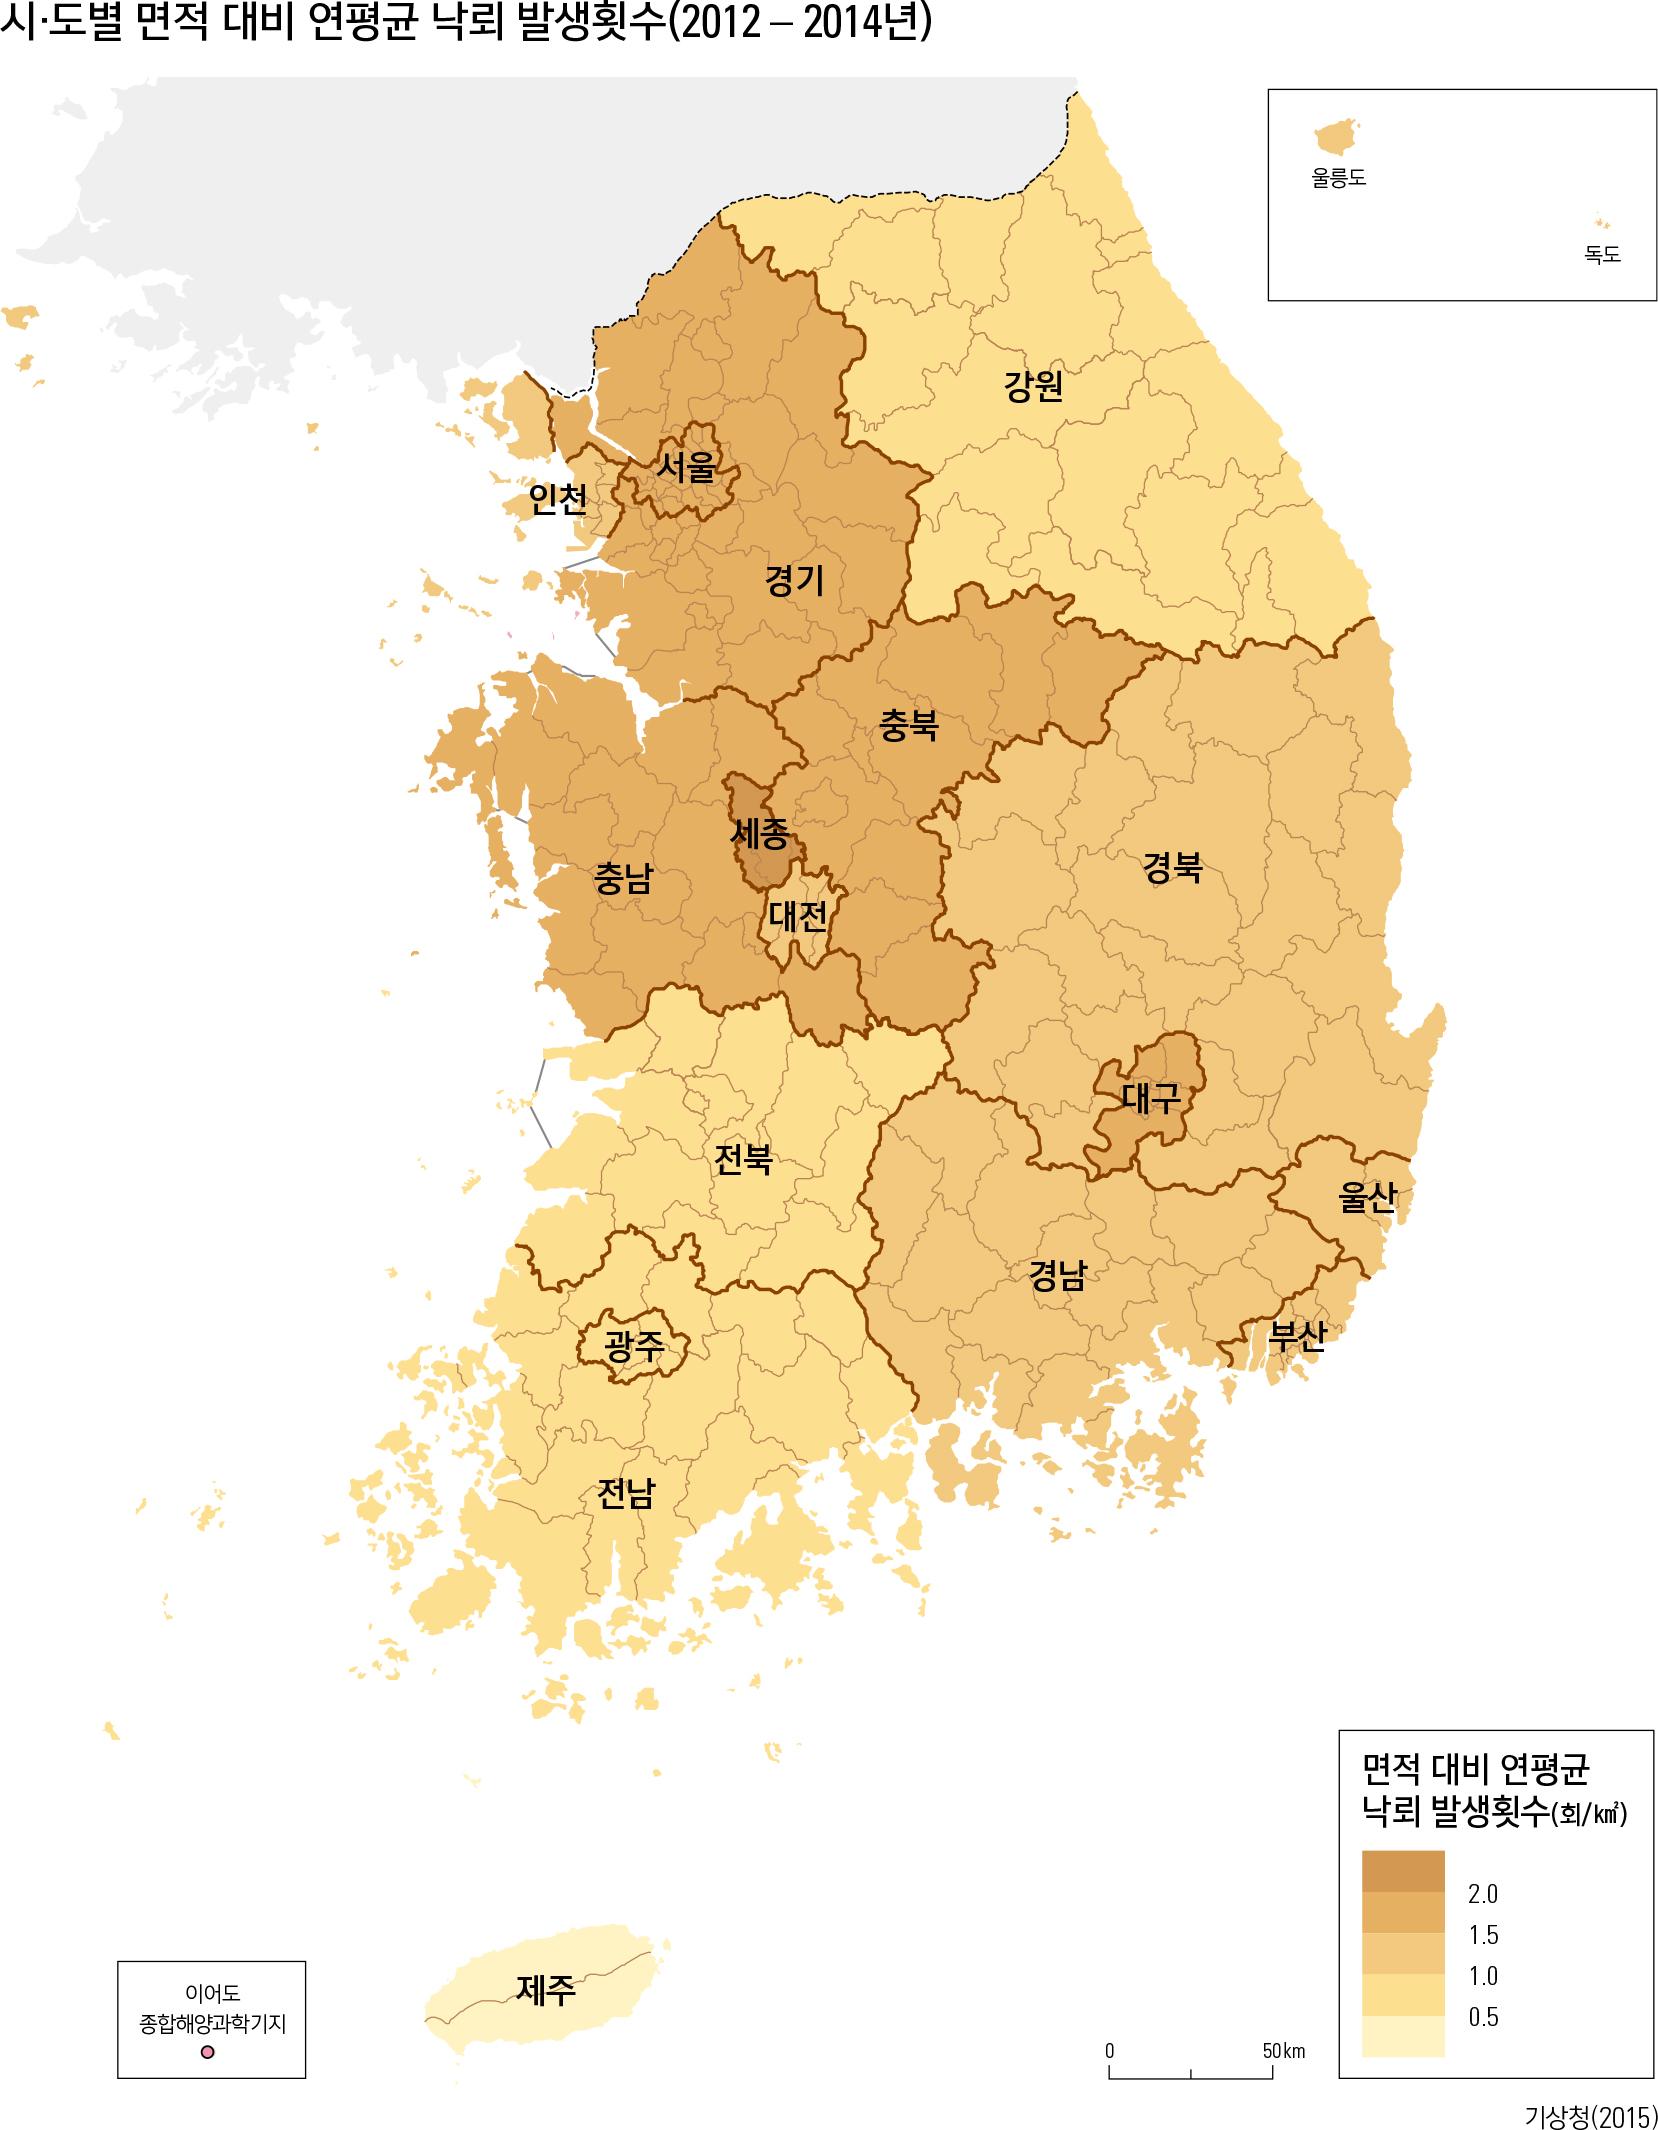 시·도별 면적 대비 연평균 낙뢰 발생횟수(2012 - 2014년)